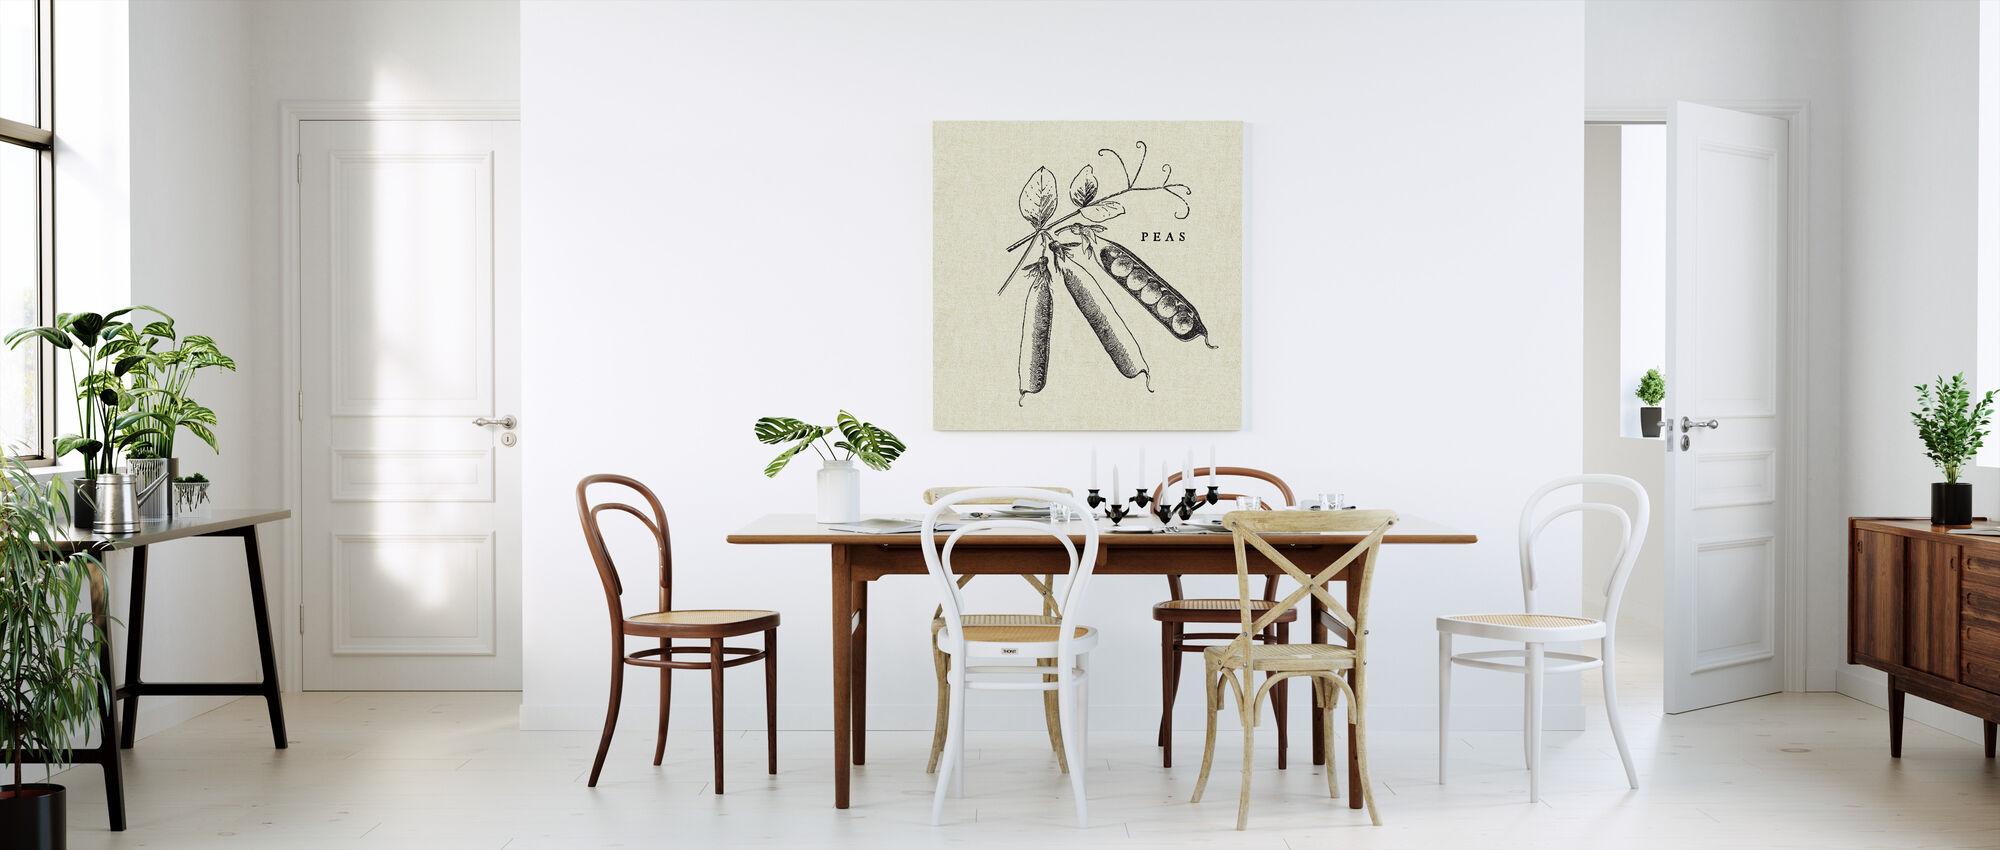 Kitchen Illustration - Peas - Canvas print - Kitchen